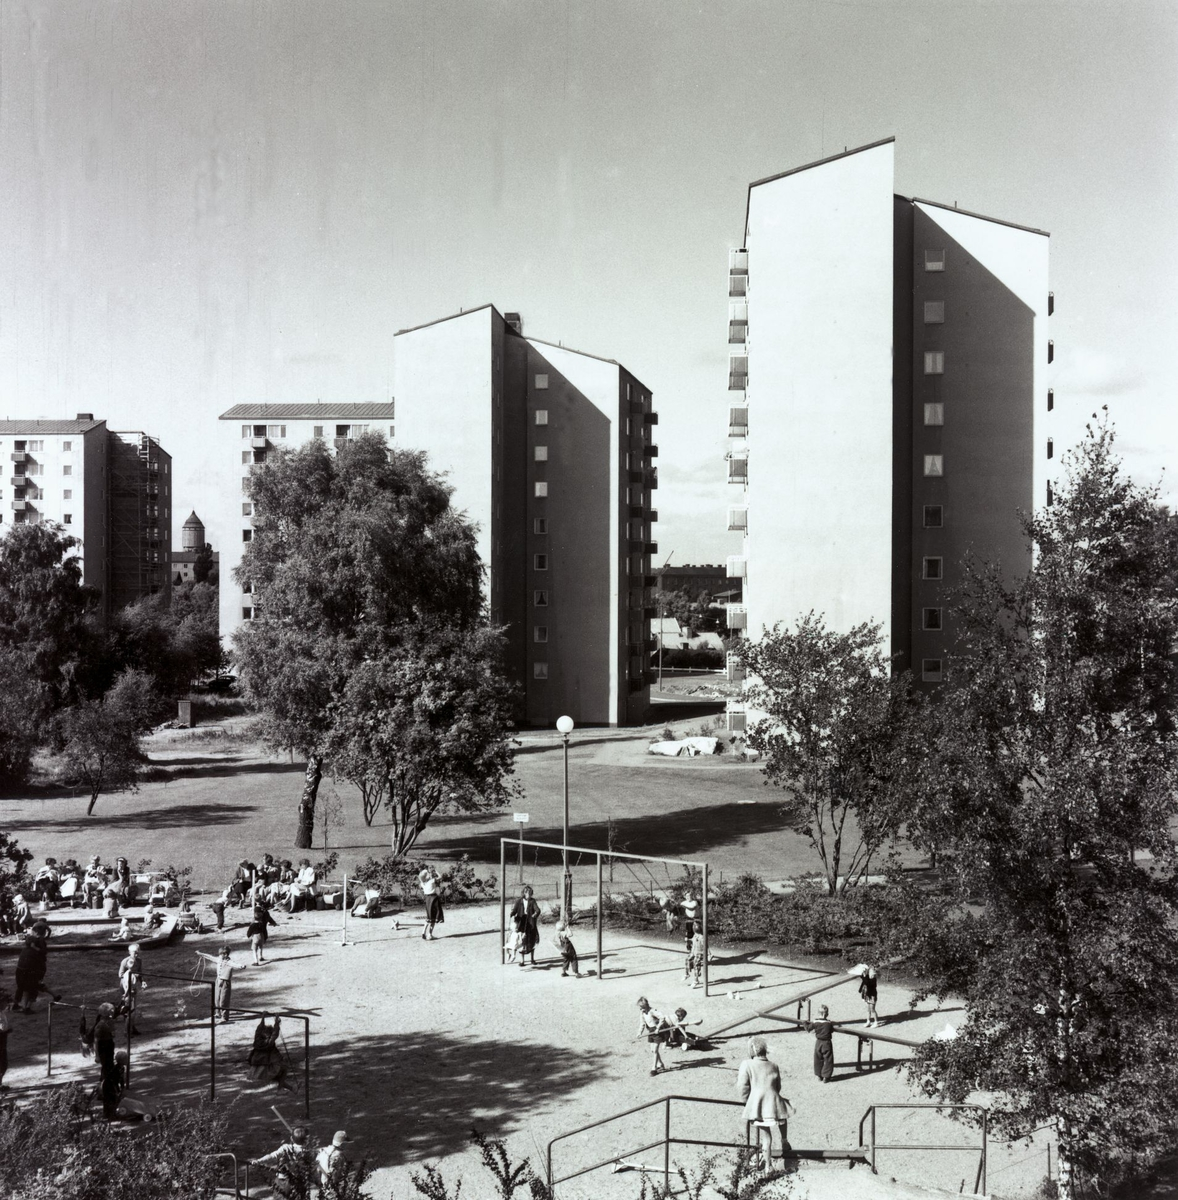 Bostadsområde Södra GuldhedenExteriör, punkthus. Lekplats och träd i förgrunden